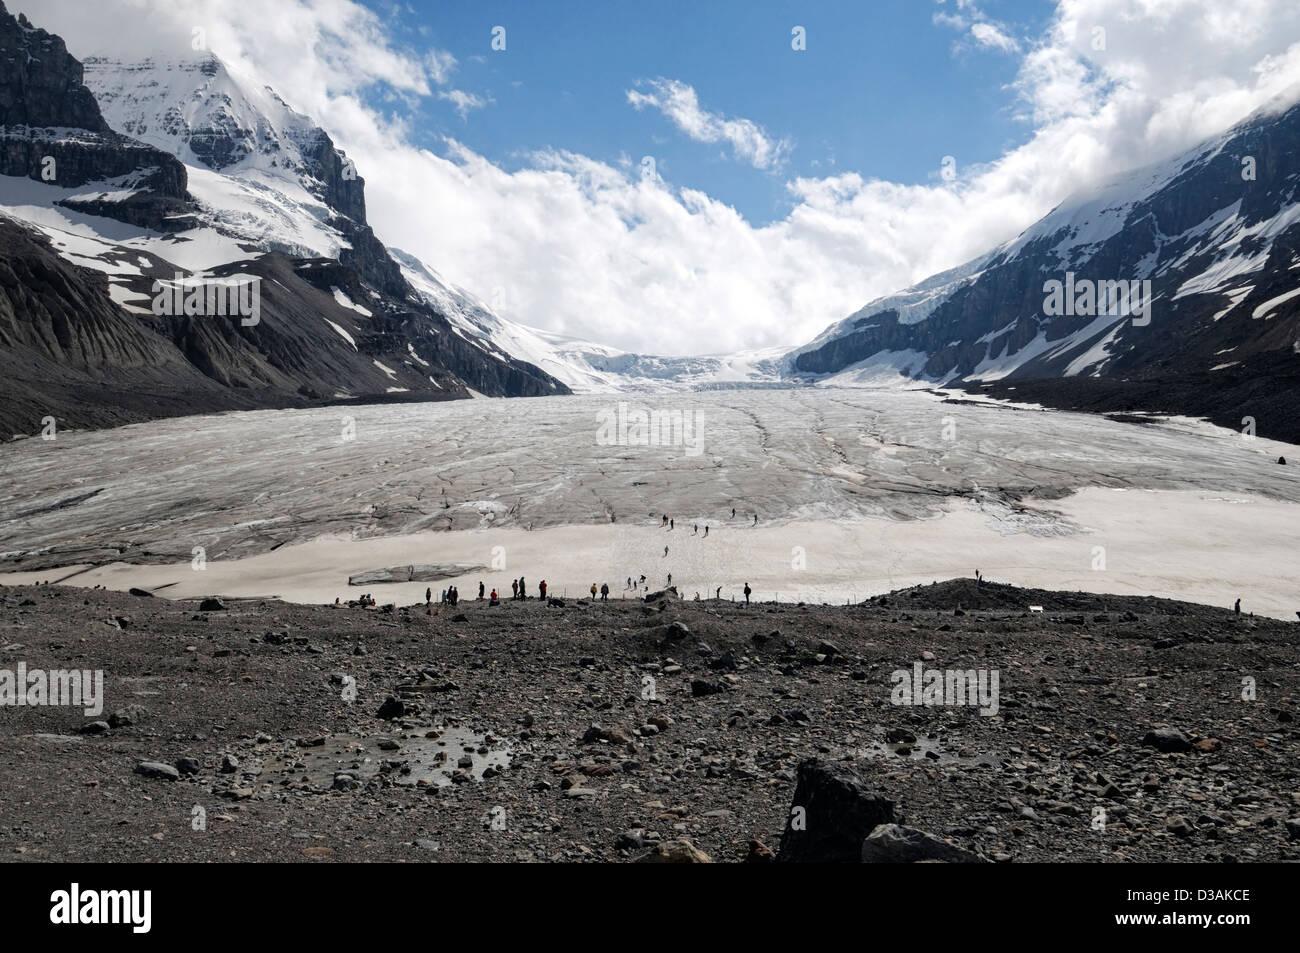 Ghiacciaio Athabasca Columbia Icefield Jasper National Park nello stato di Alberta in Canada il cambiamento climatico Immagini Stock